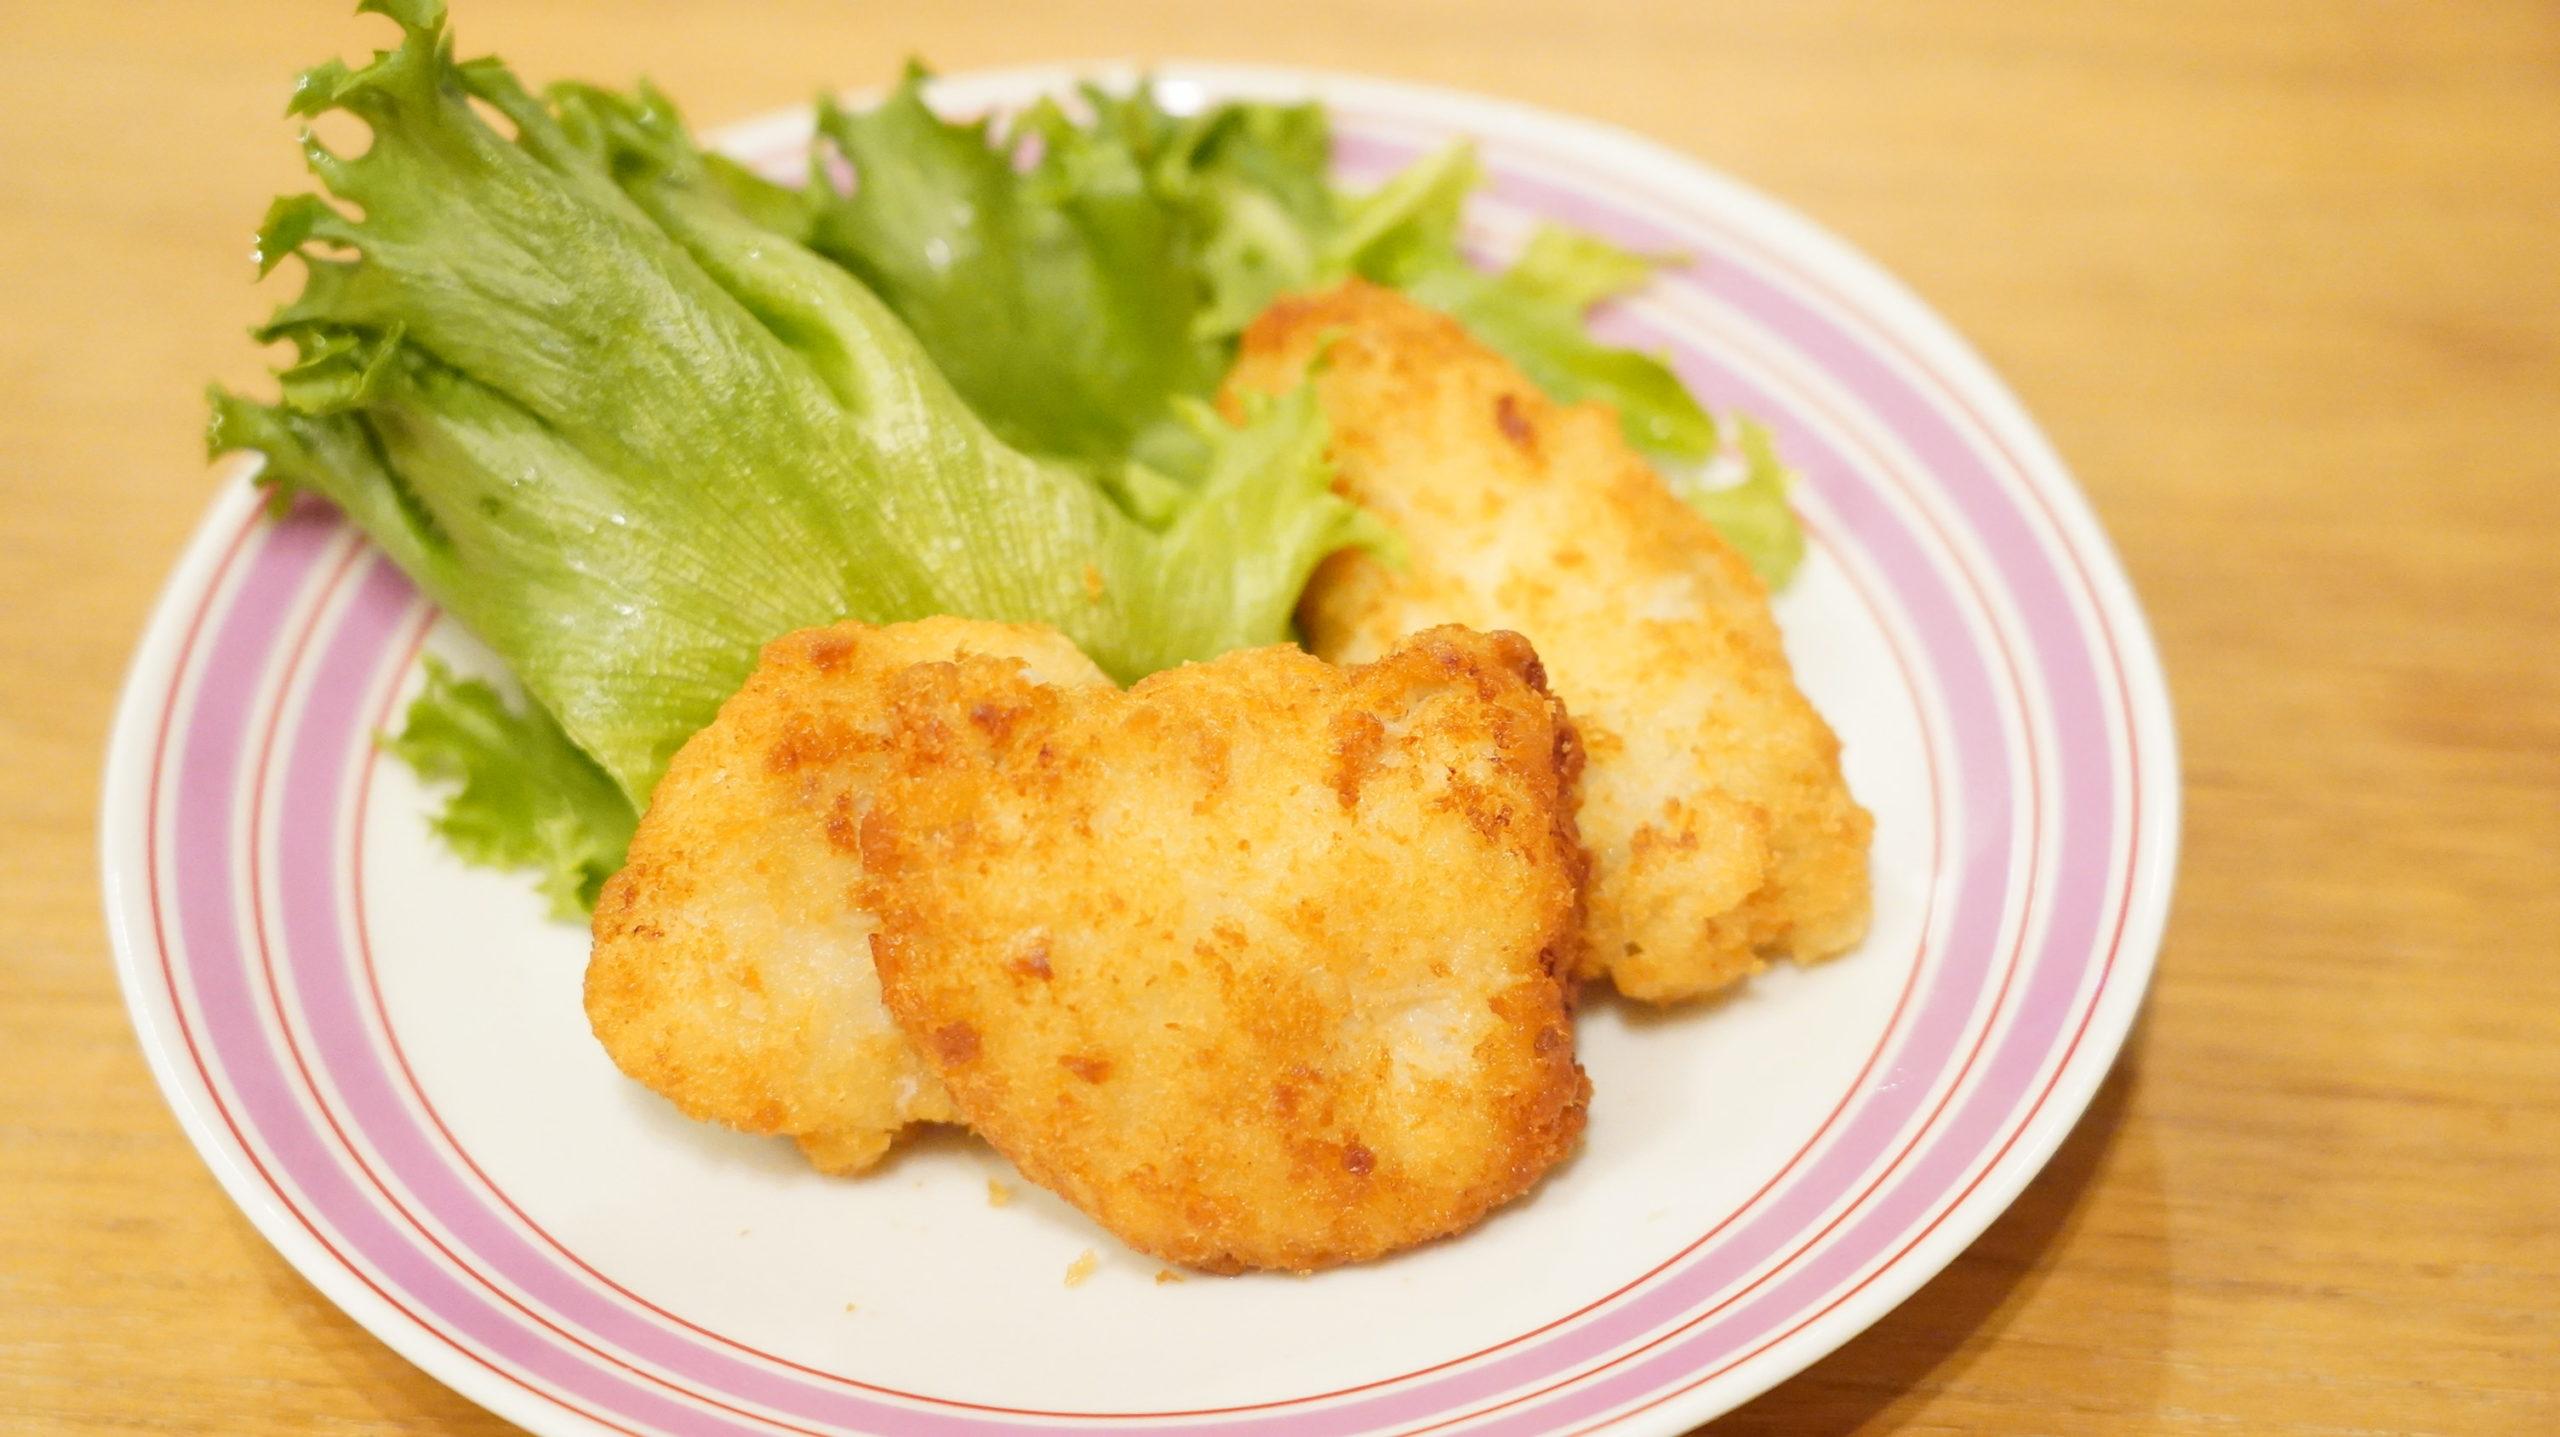 業務スーパーのおすすめ冷凍食品「国産どり・鶏屋さんのチキンカツ」の写真